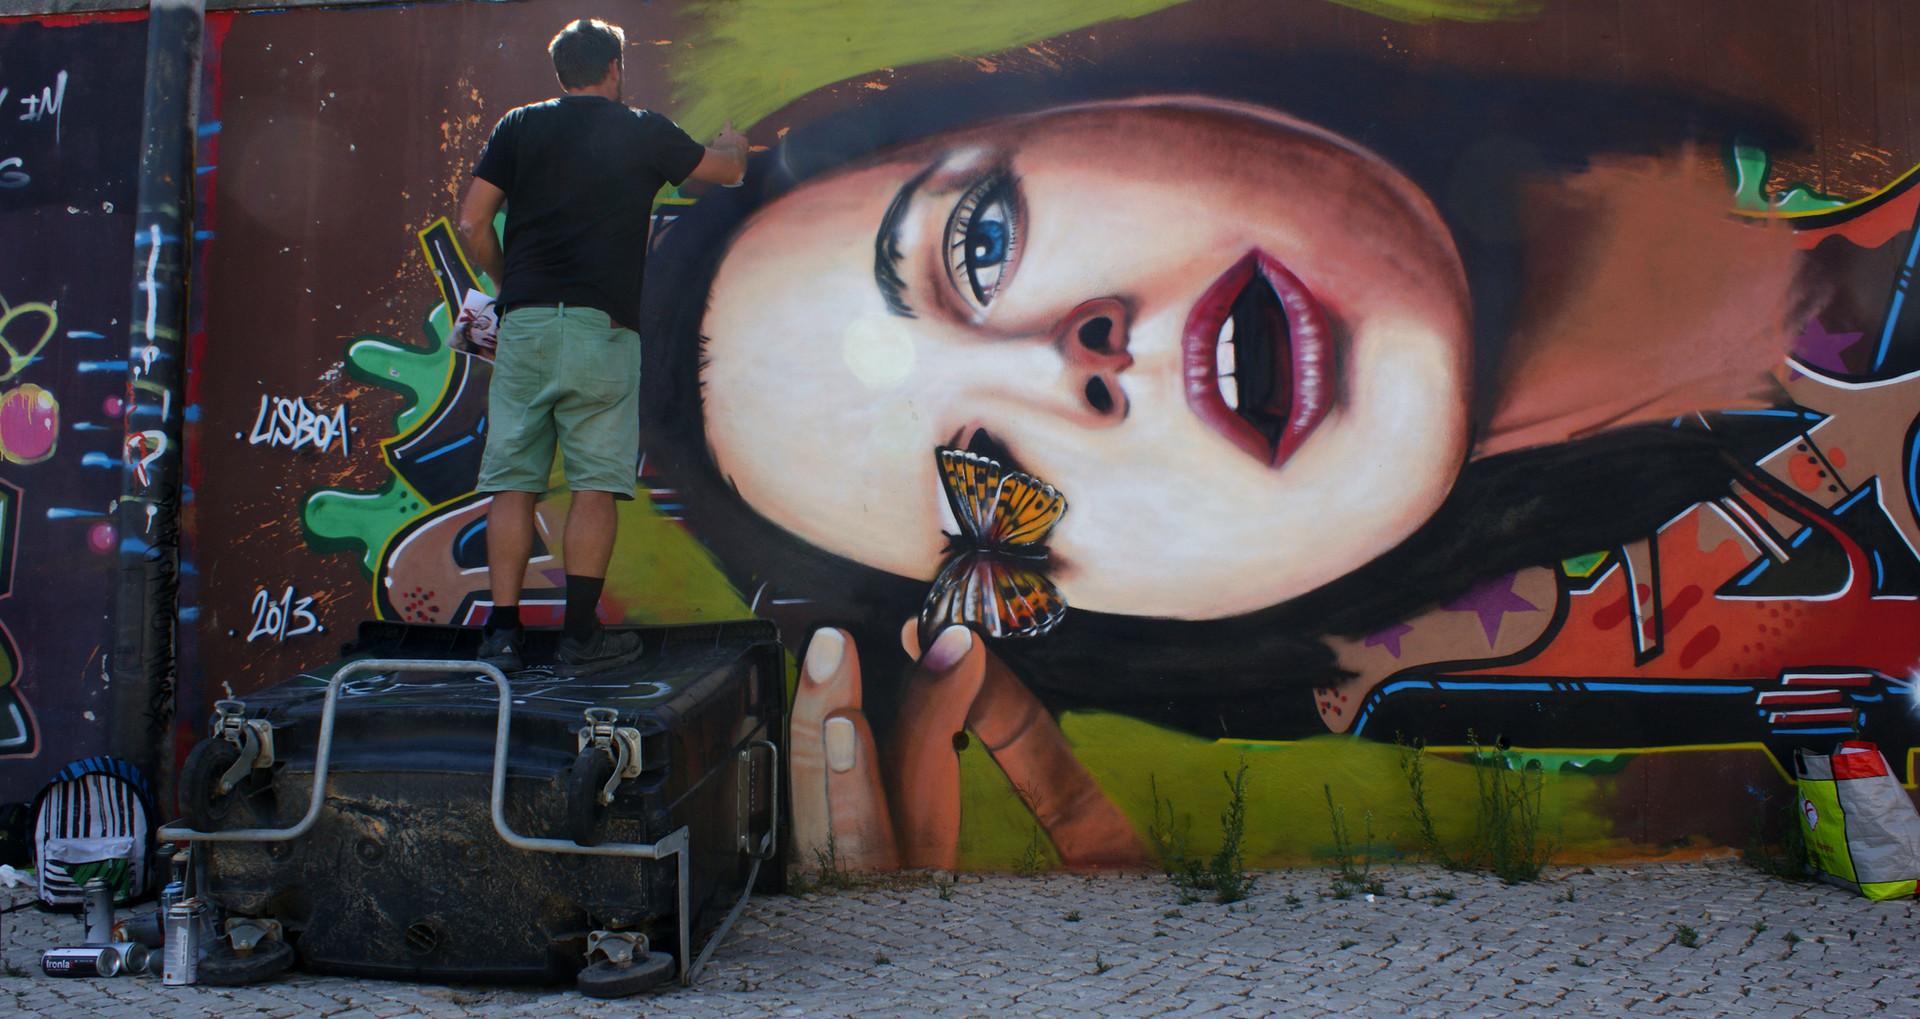 Nomen pintando em Carcavelos, parte do Mural com artista Rasty, (South Africa)